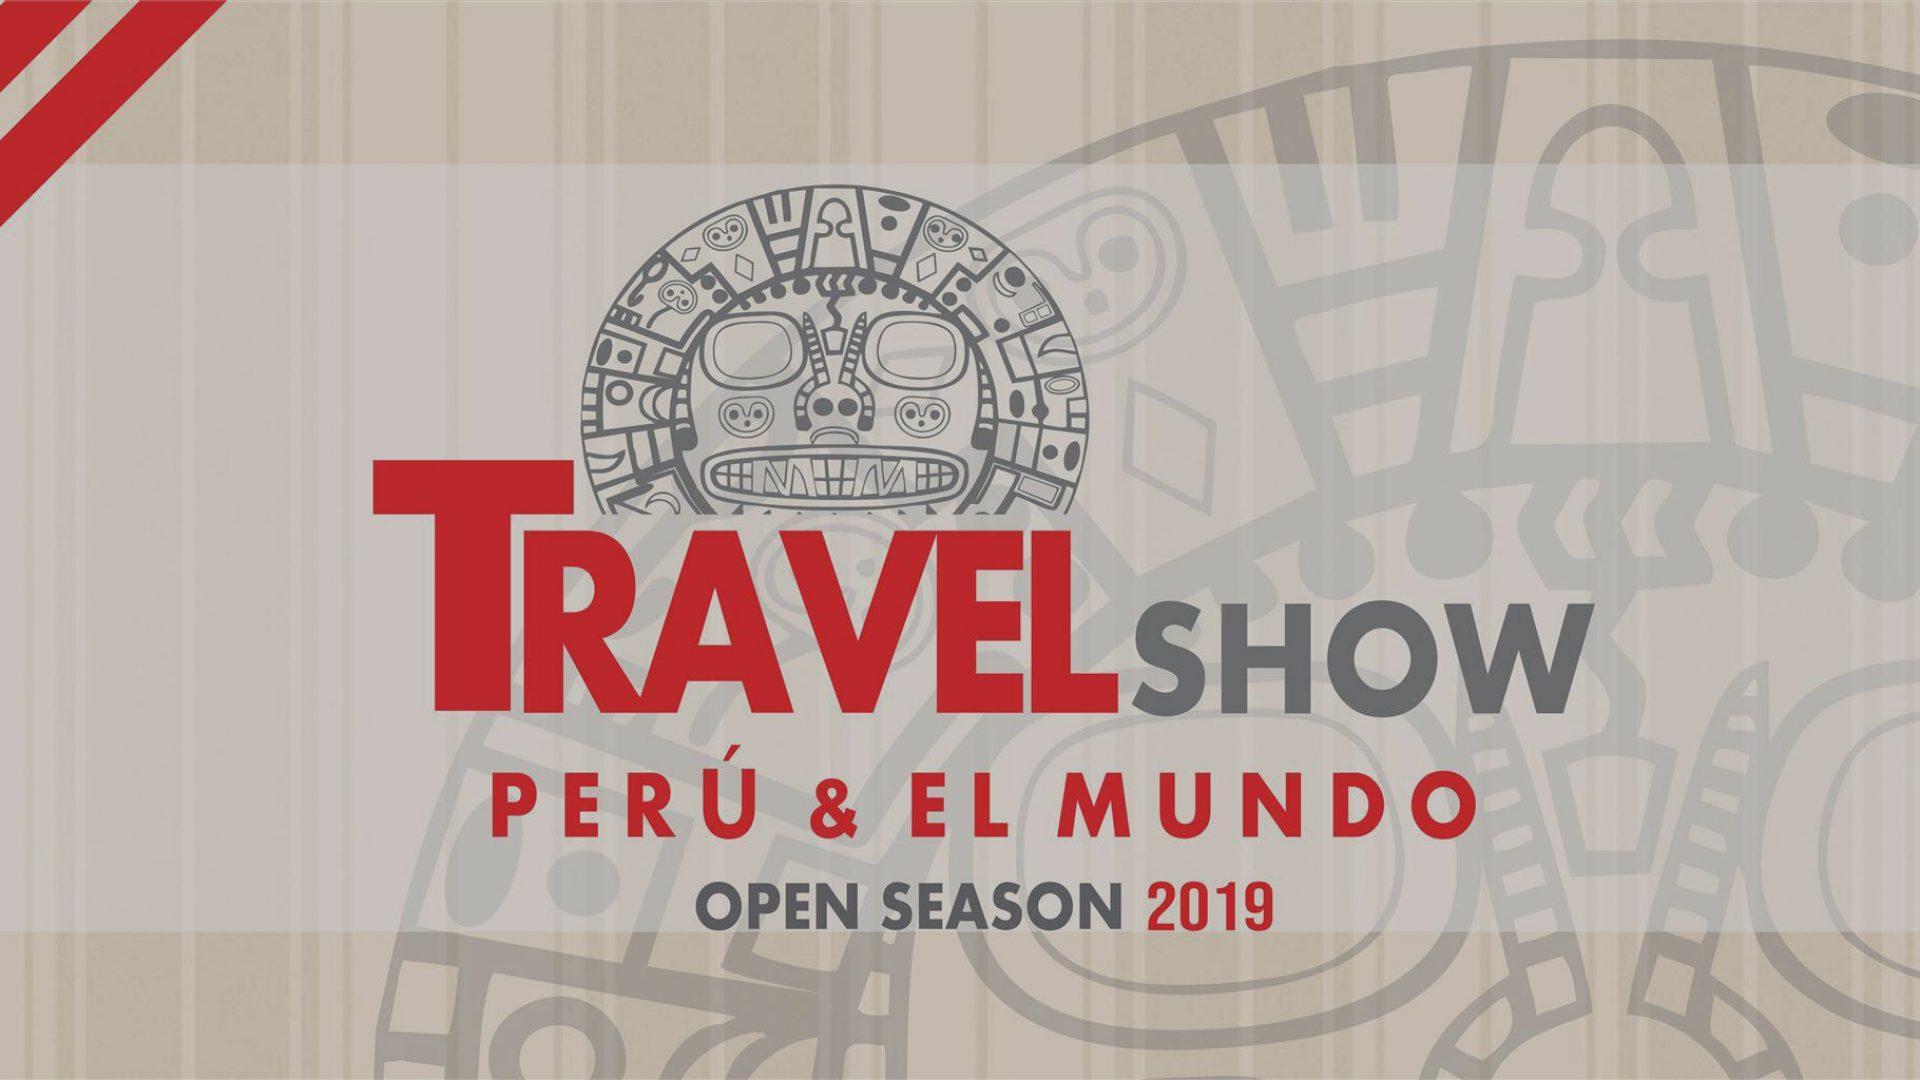 Peru Travel Show